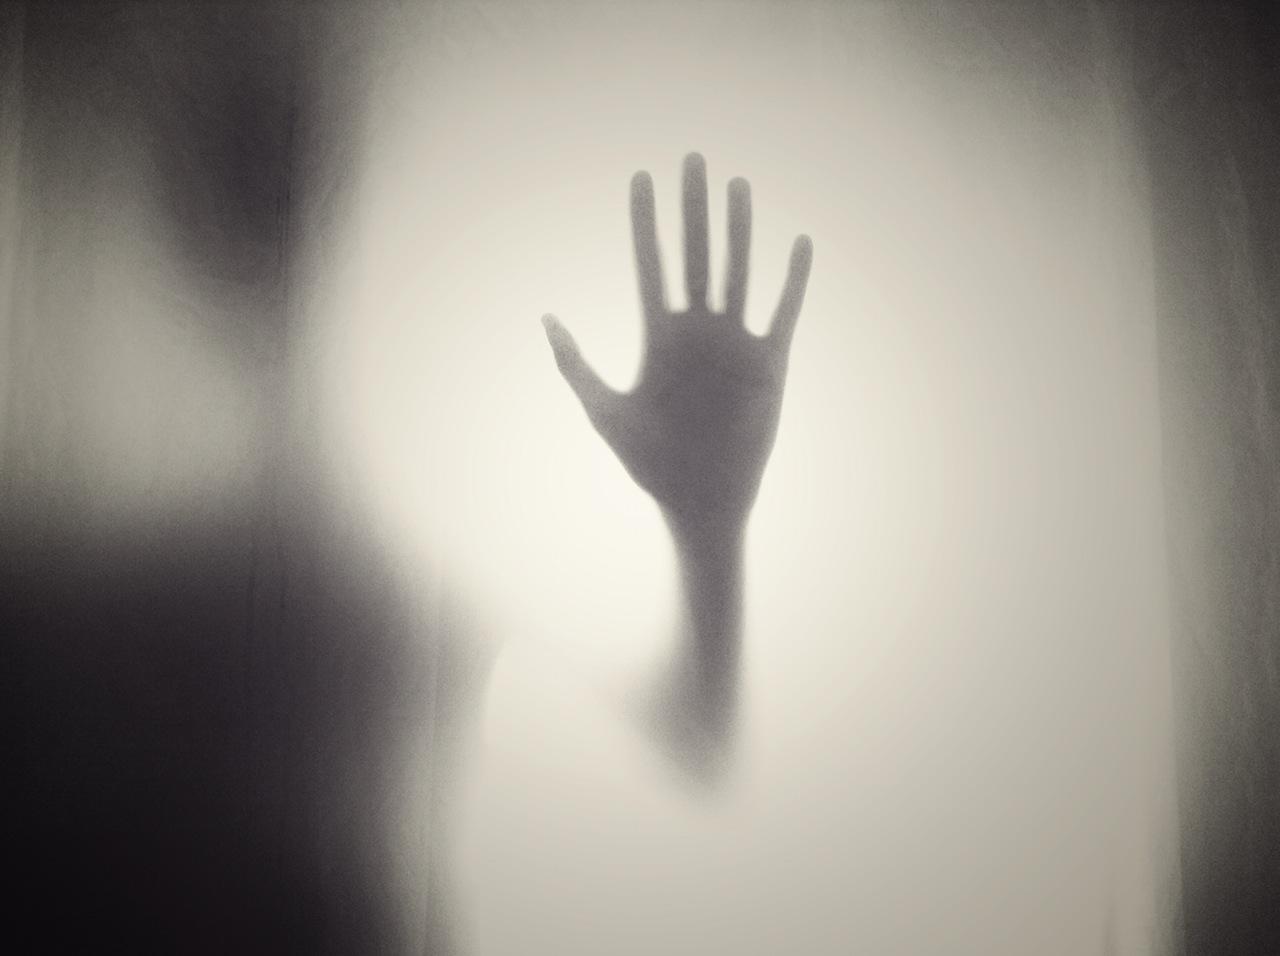 félelem, szorongás, fear, bántalmazás,